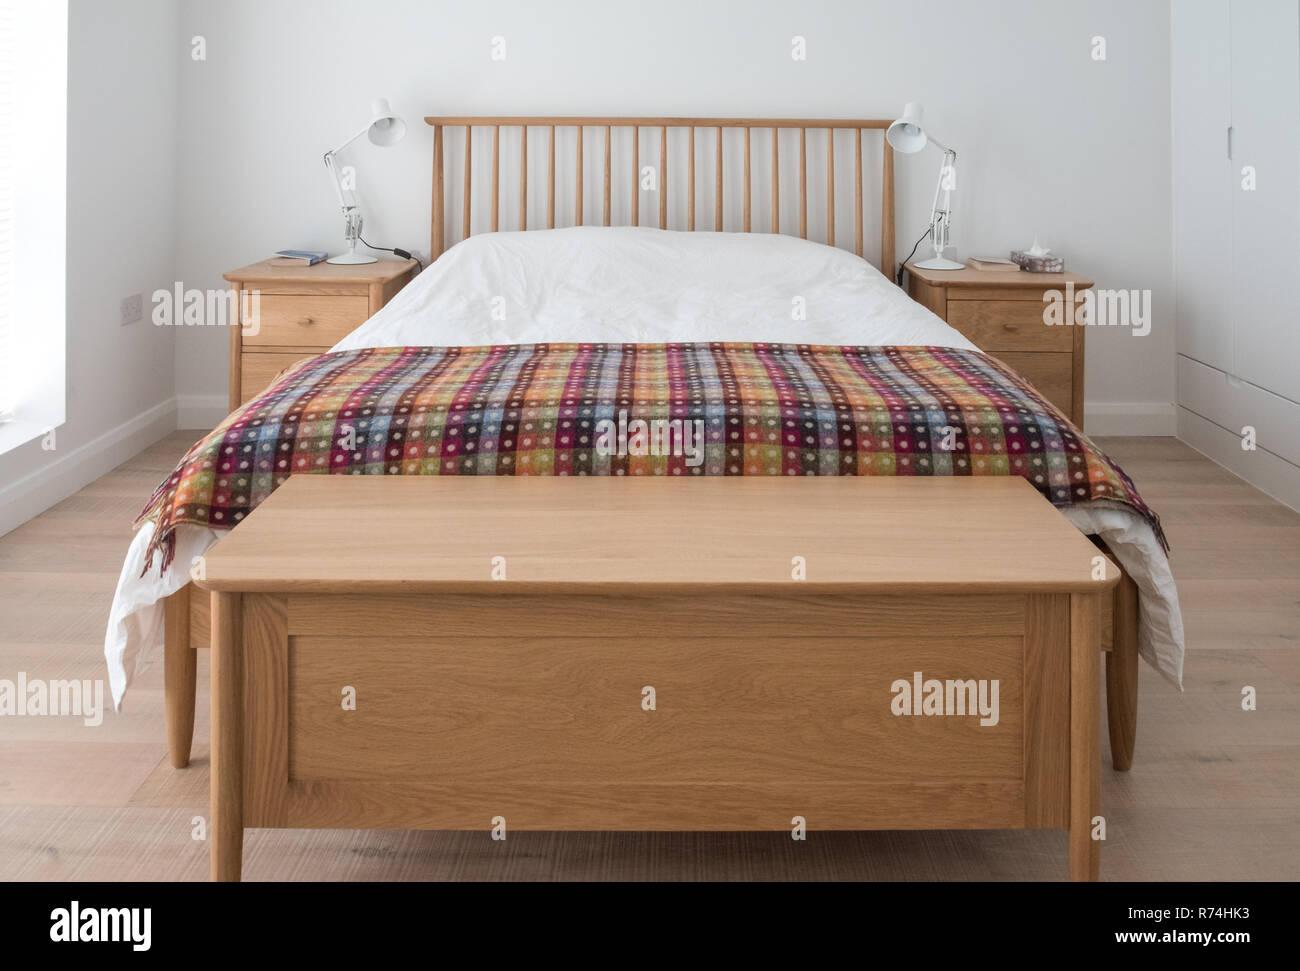 Couleur Des Chambre A Coucher d'inspiration scandinave minimaliste, l'intérieur de chambre